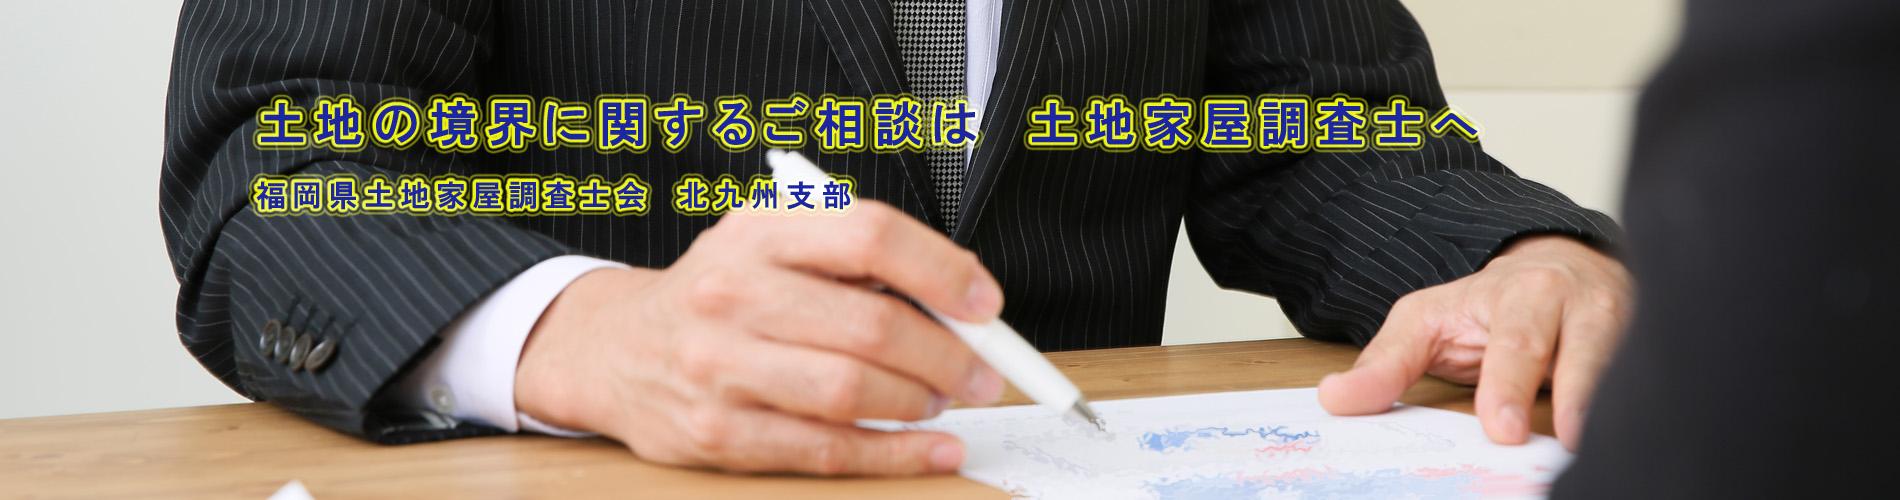 福岡県土地家屋調査士会 北九州支部